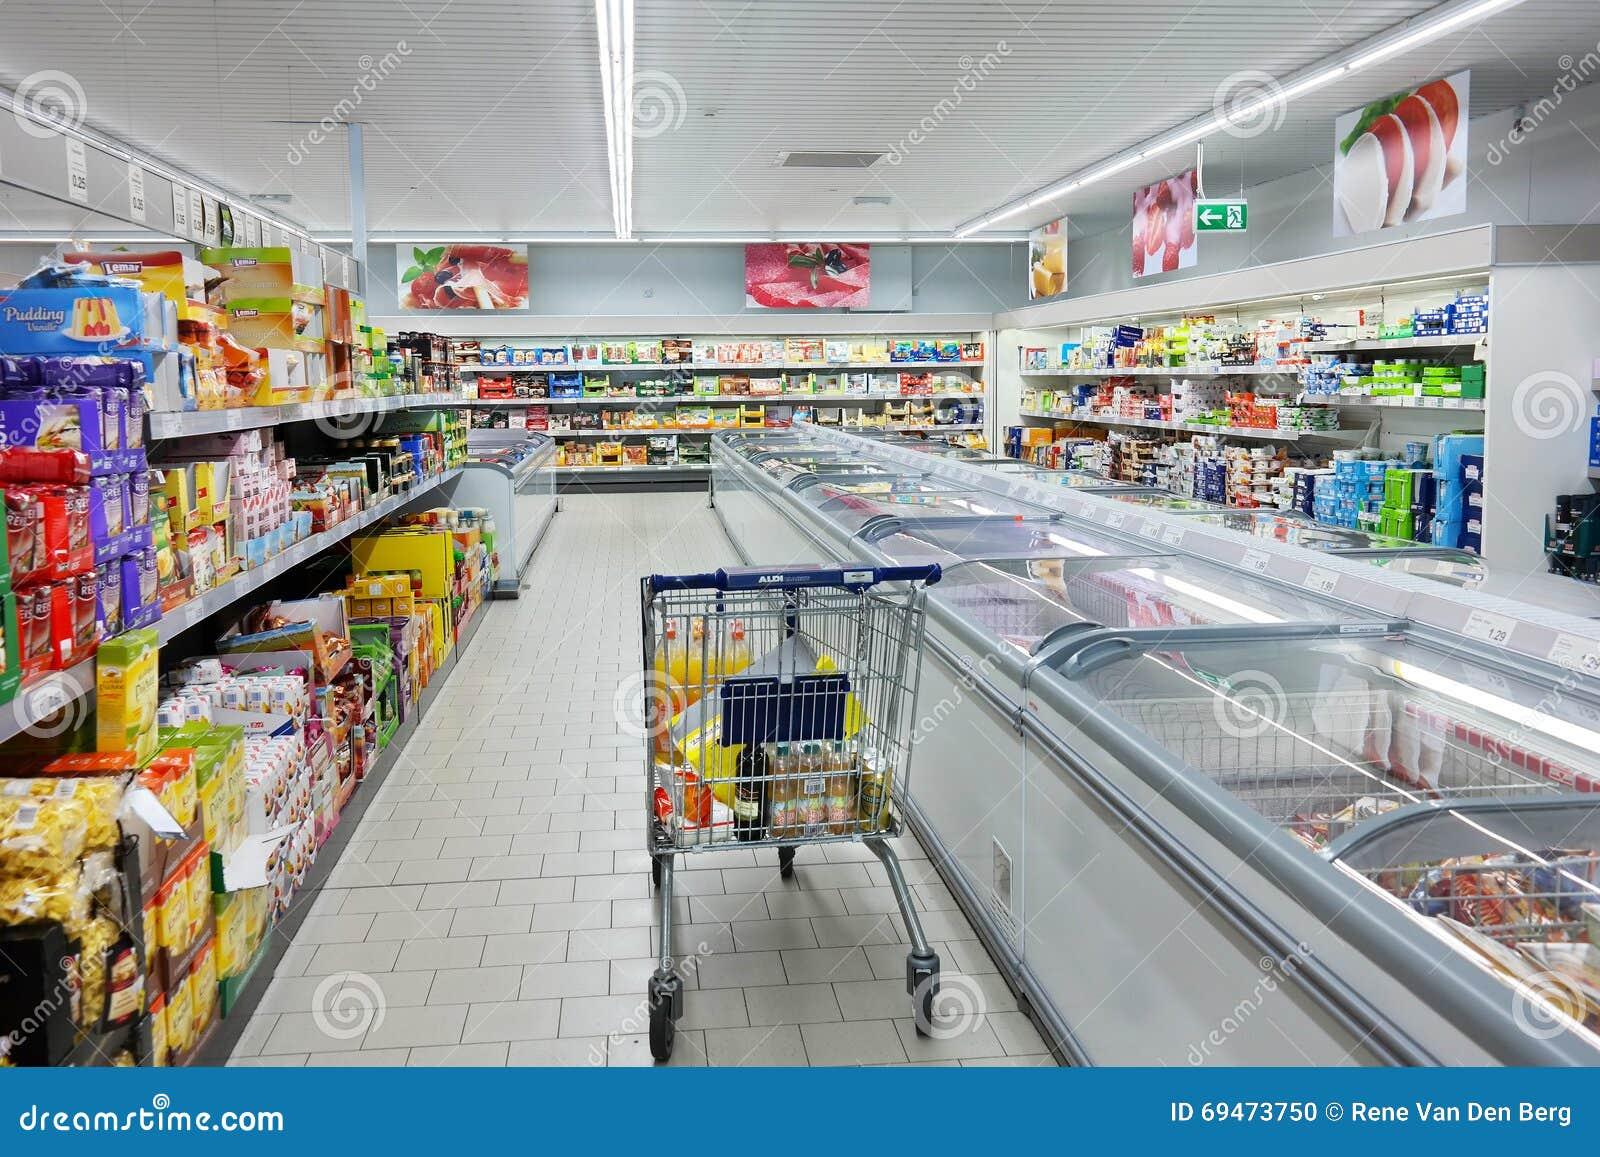 Carrinho de compras em um supermercado de ALDI